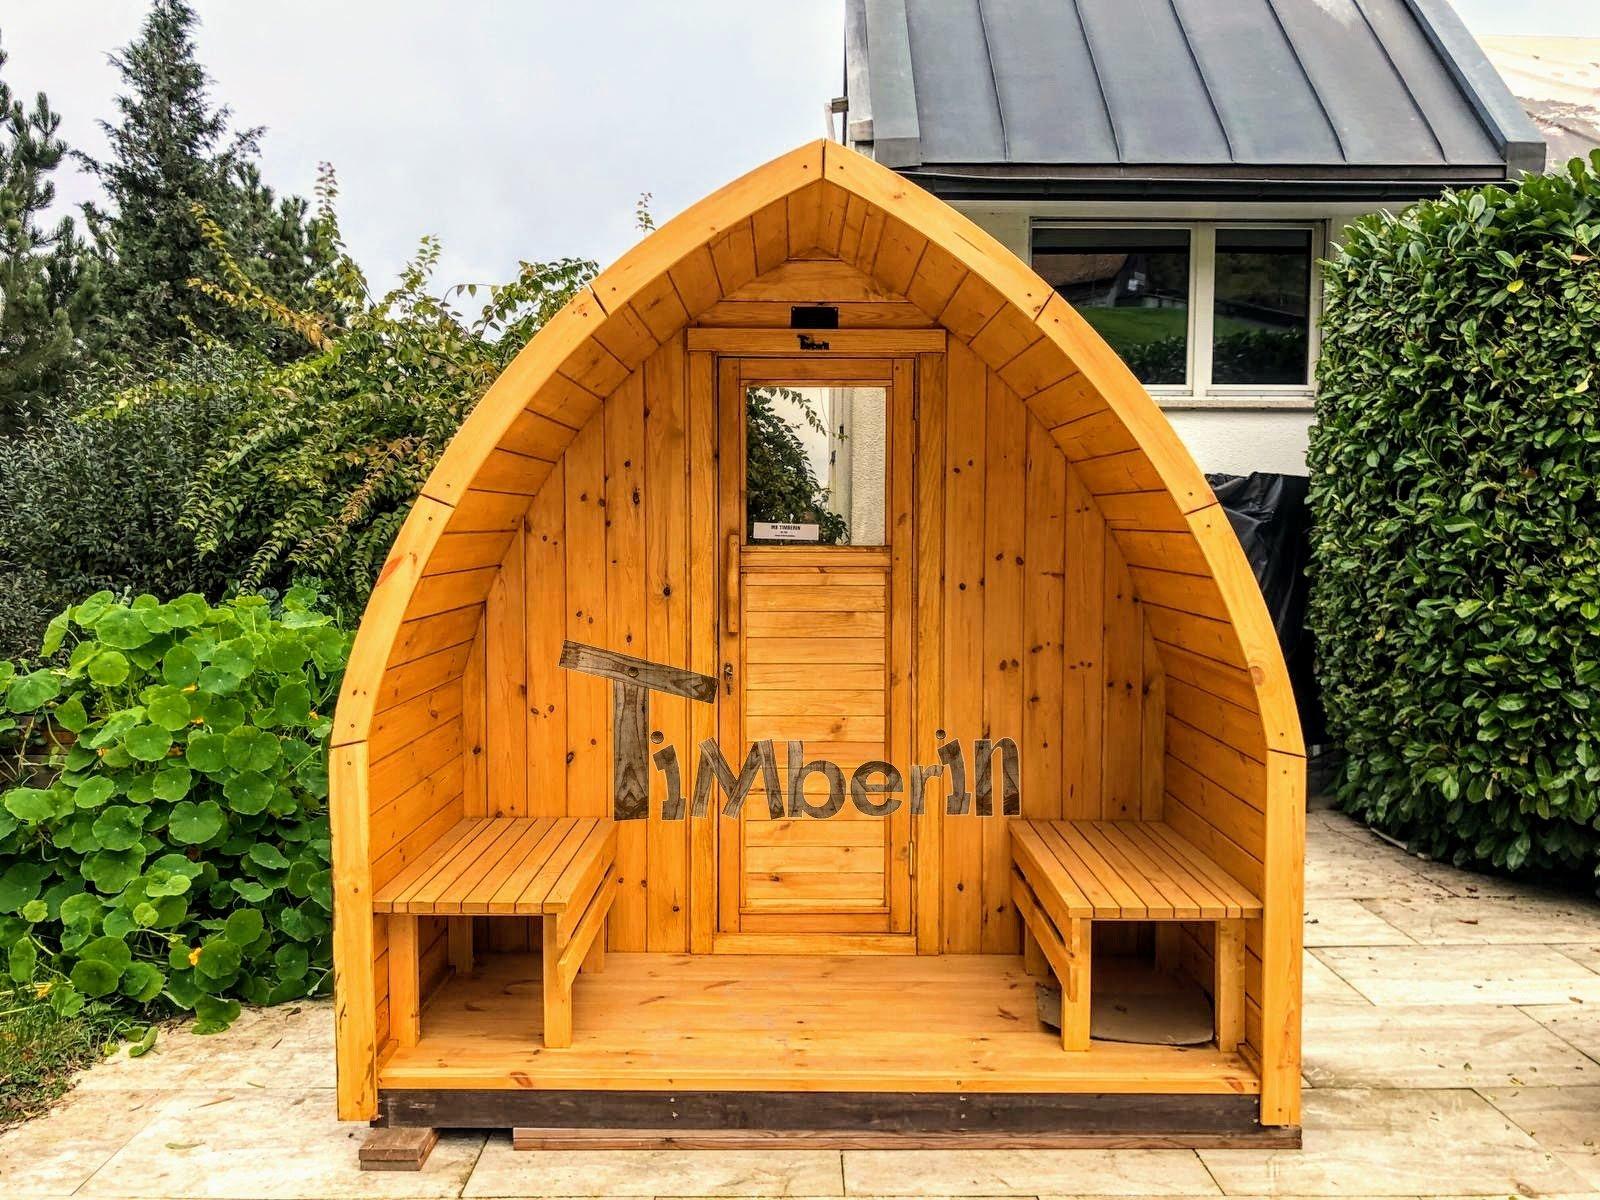 Außensauna Gartensauna Iglu Pod mit Holzofen Elektrisch 1 2